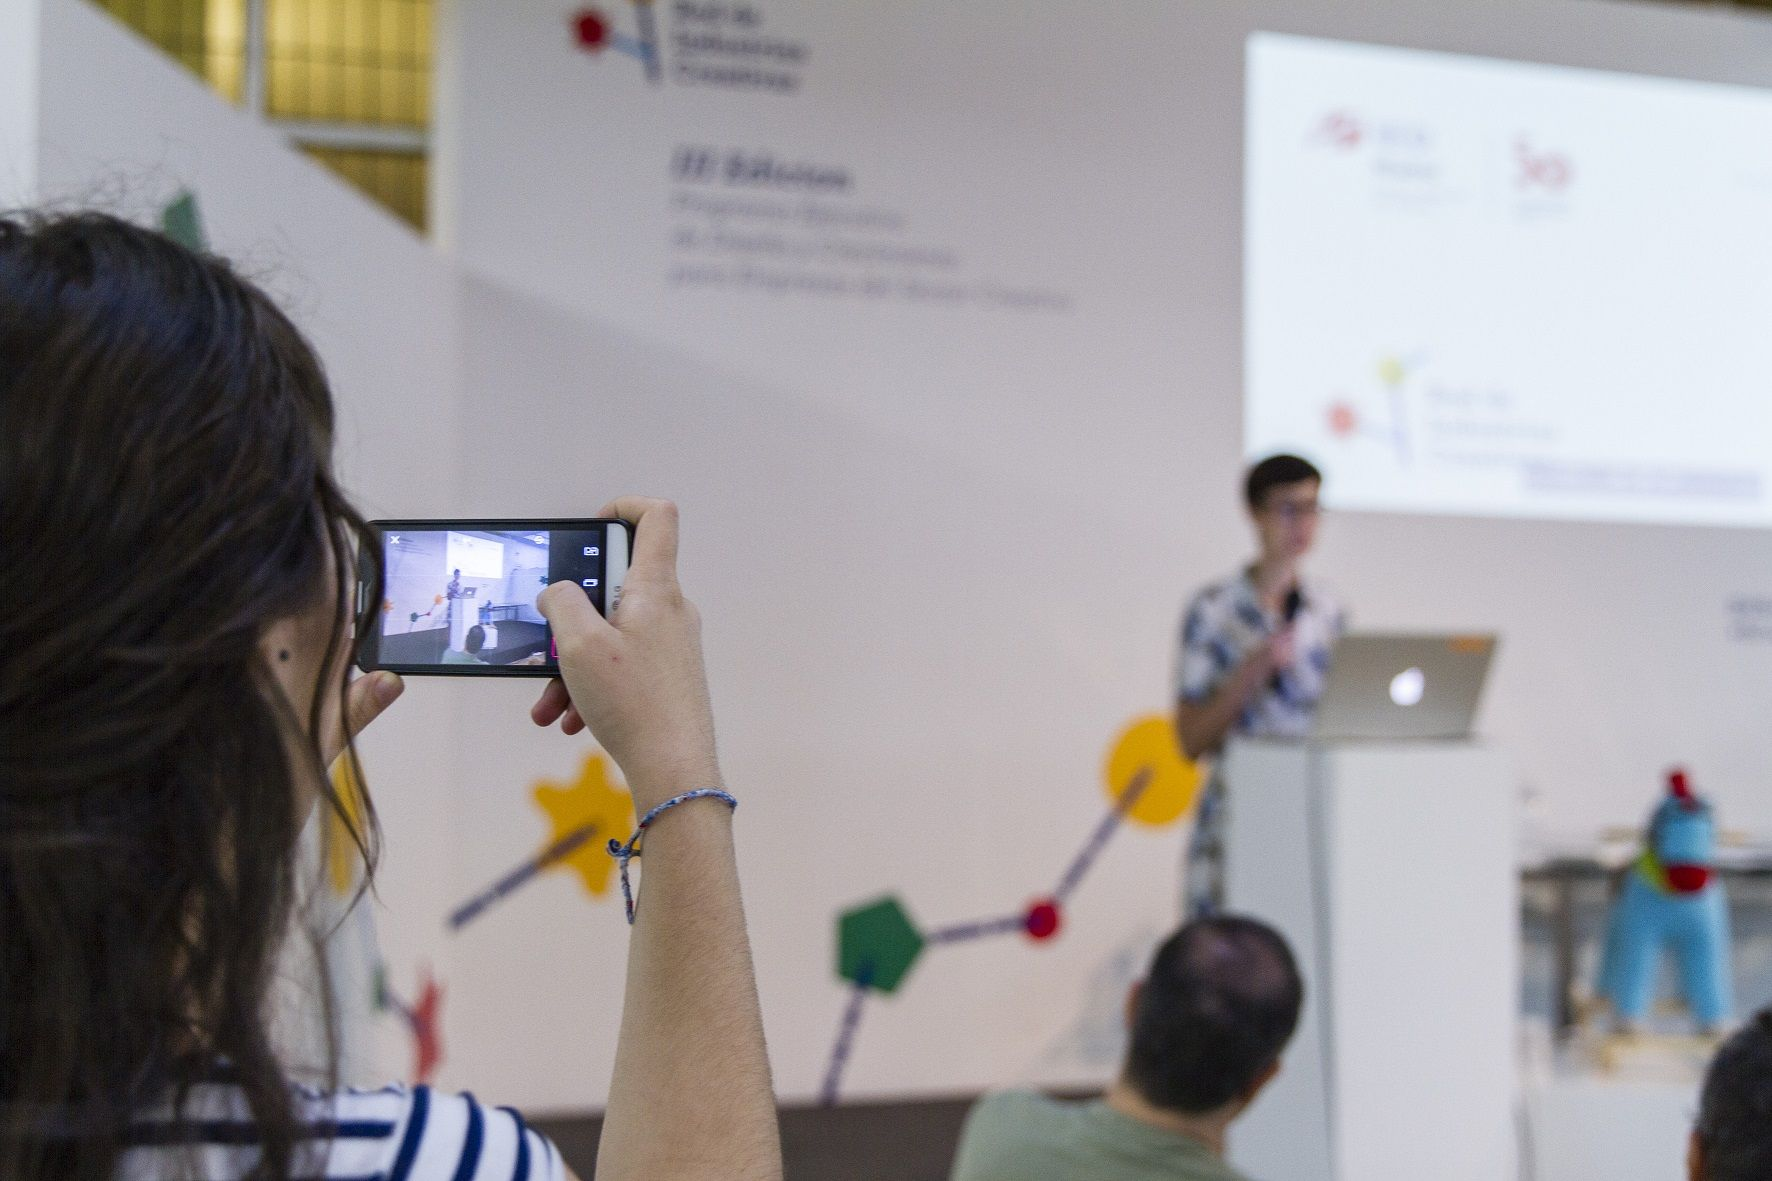 La Red de Industrias Creativas (RIC) convoca su primer Foro de Inversores